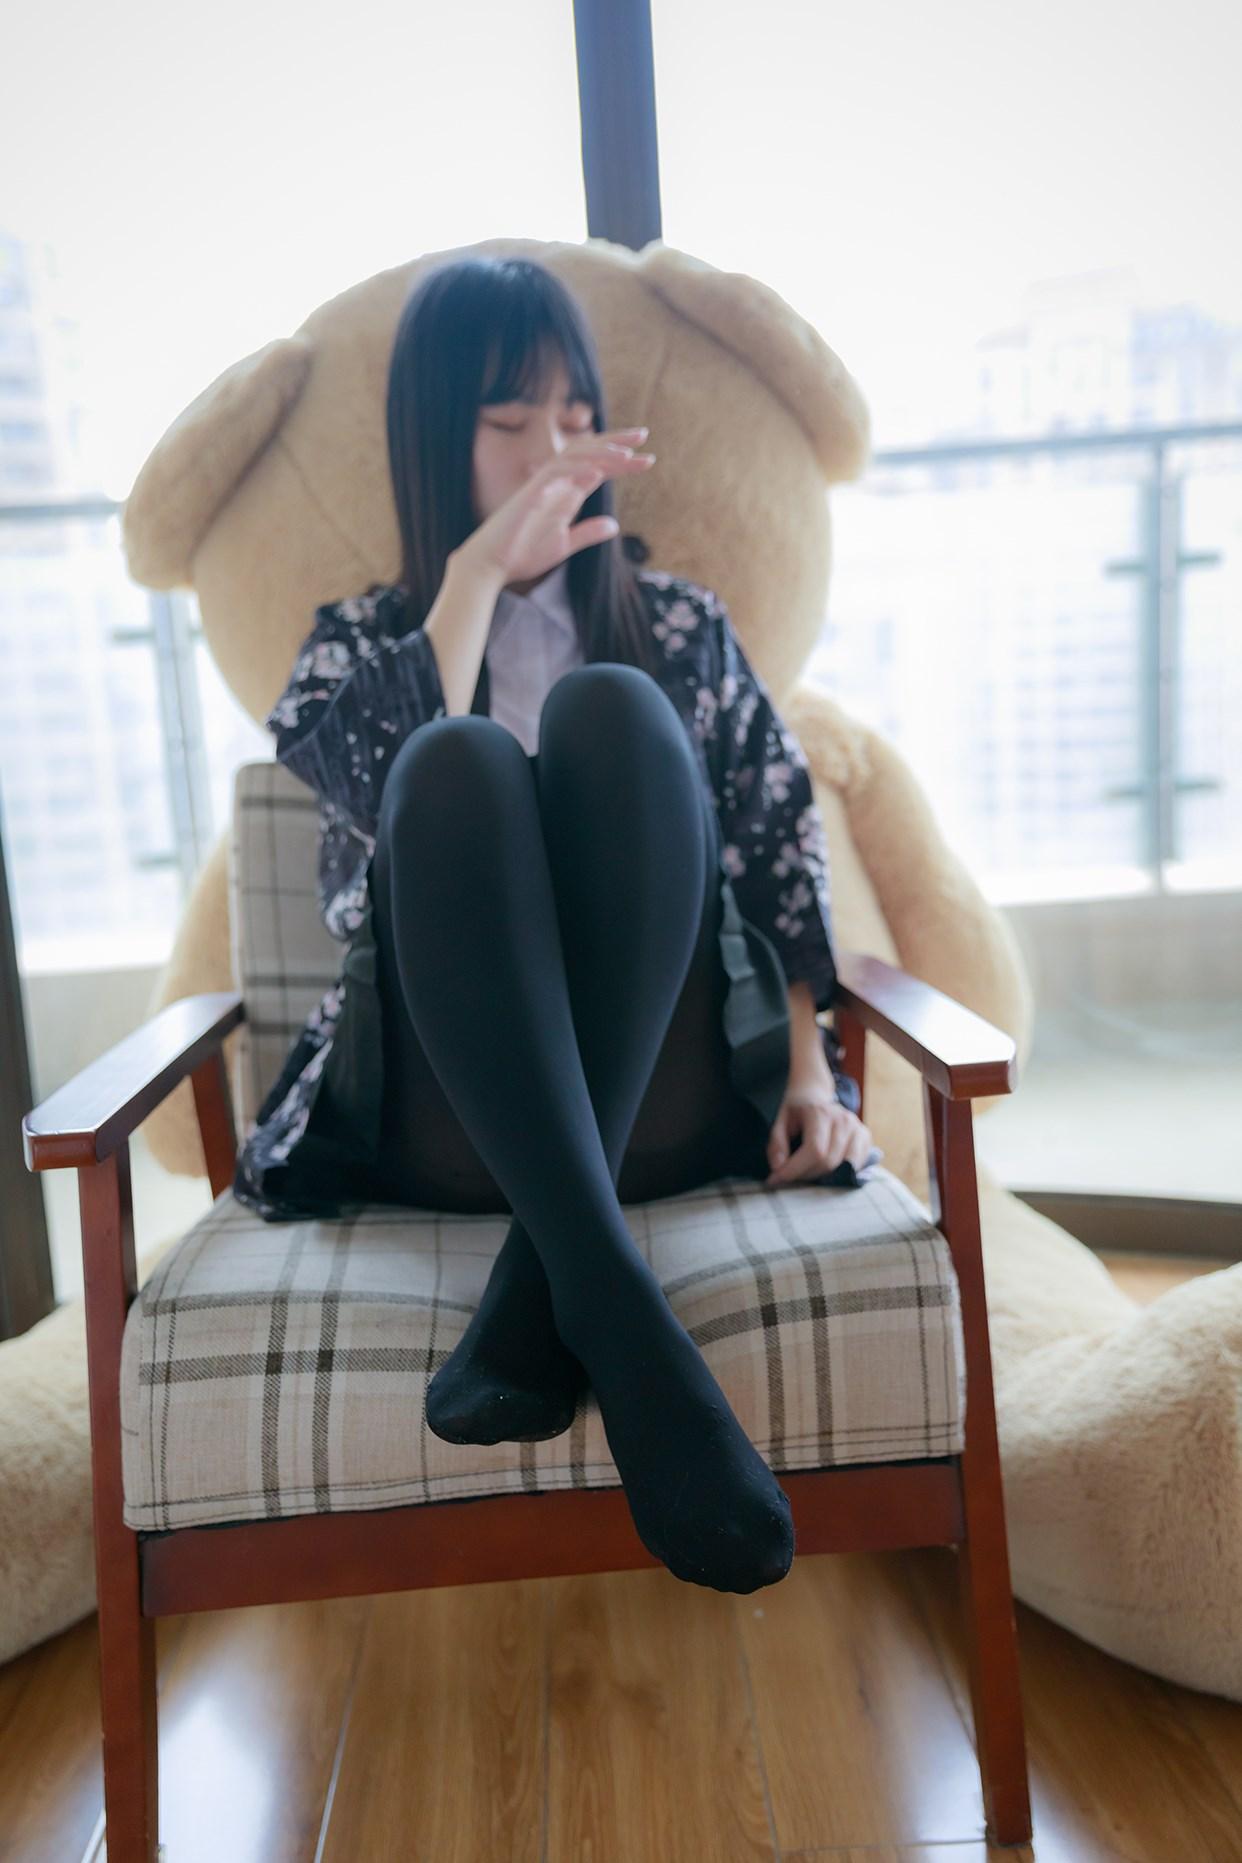 【兔玩映画】椅上的黑丝少女 兔玩映画 第17张